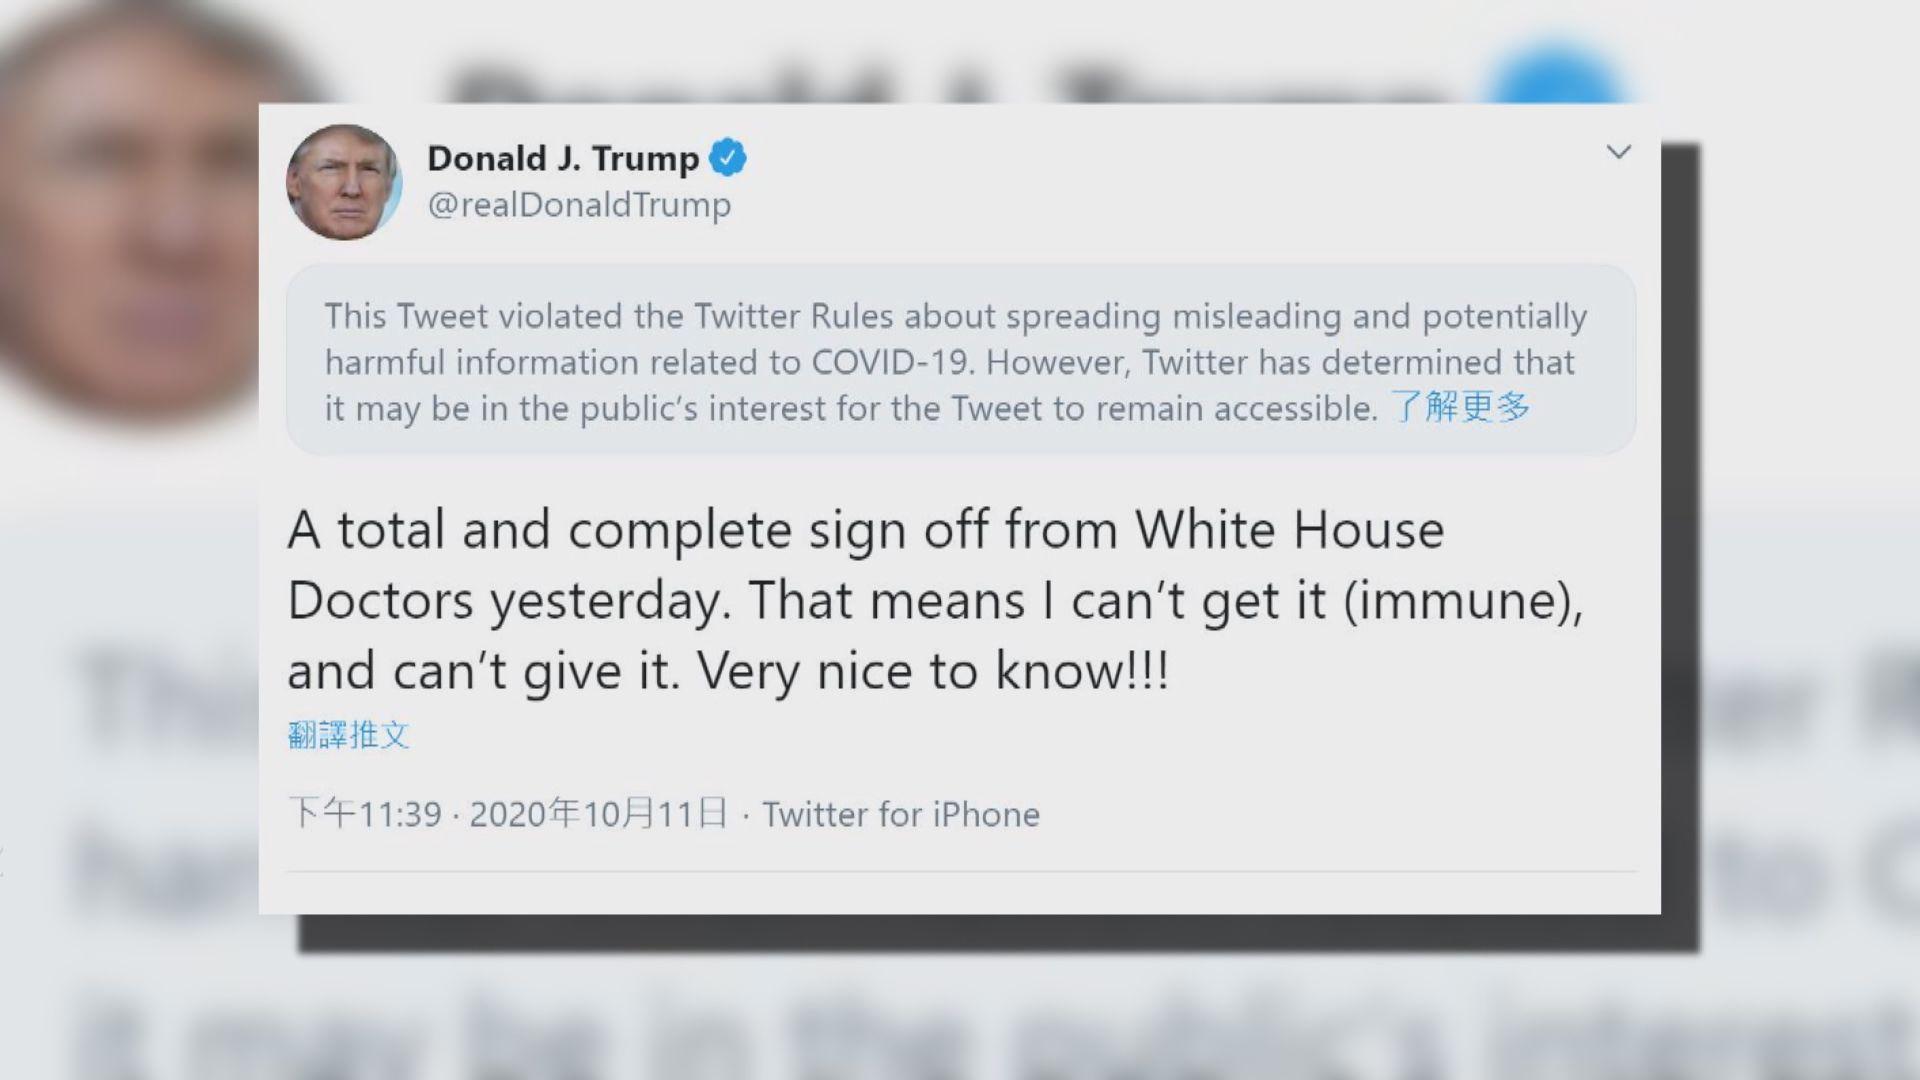 特朗普發推文宣稱自己對新冠病毒免疫 被加警告標籤